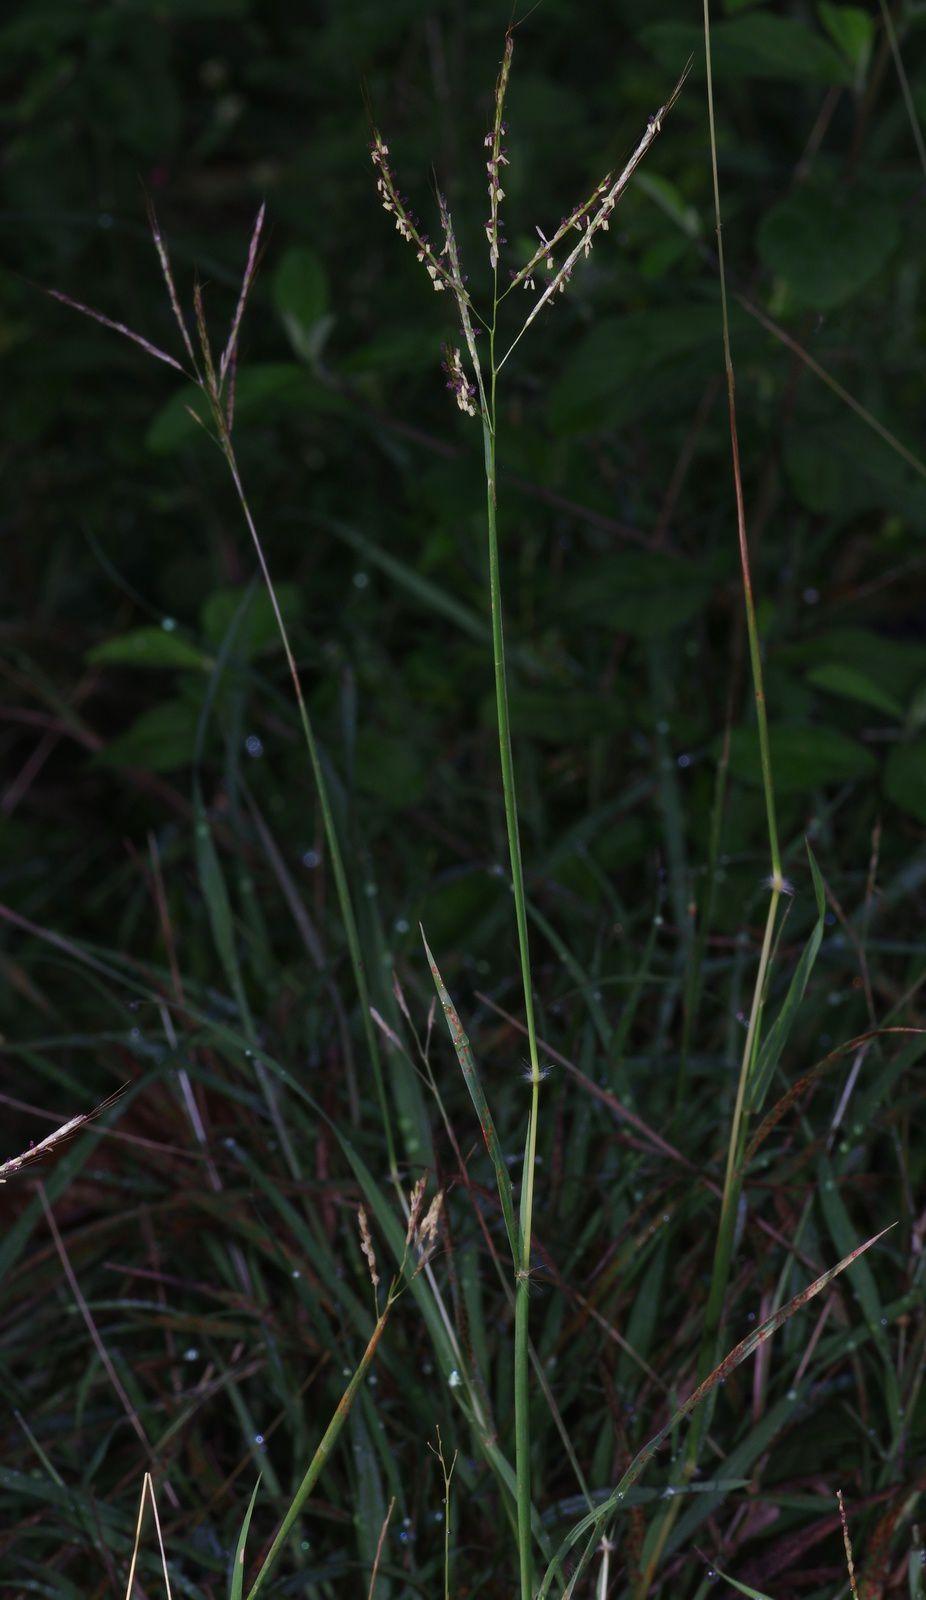 Bothriochloa bladhii